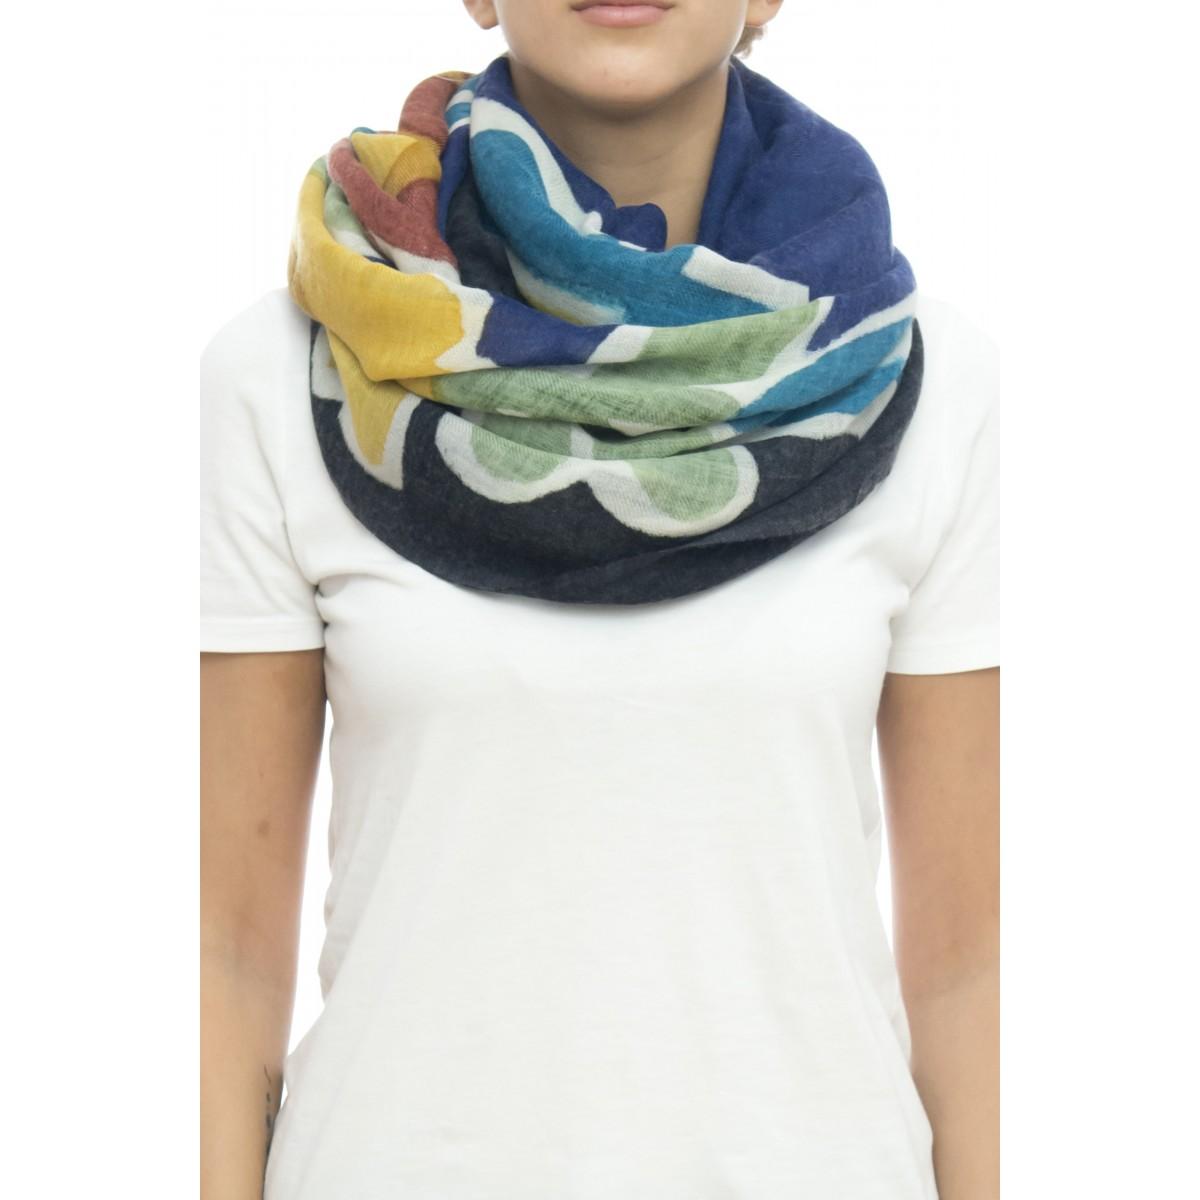 Sciarpa - Giglio 4528   100% lana ,  100 x 200